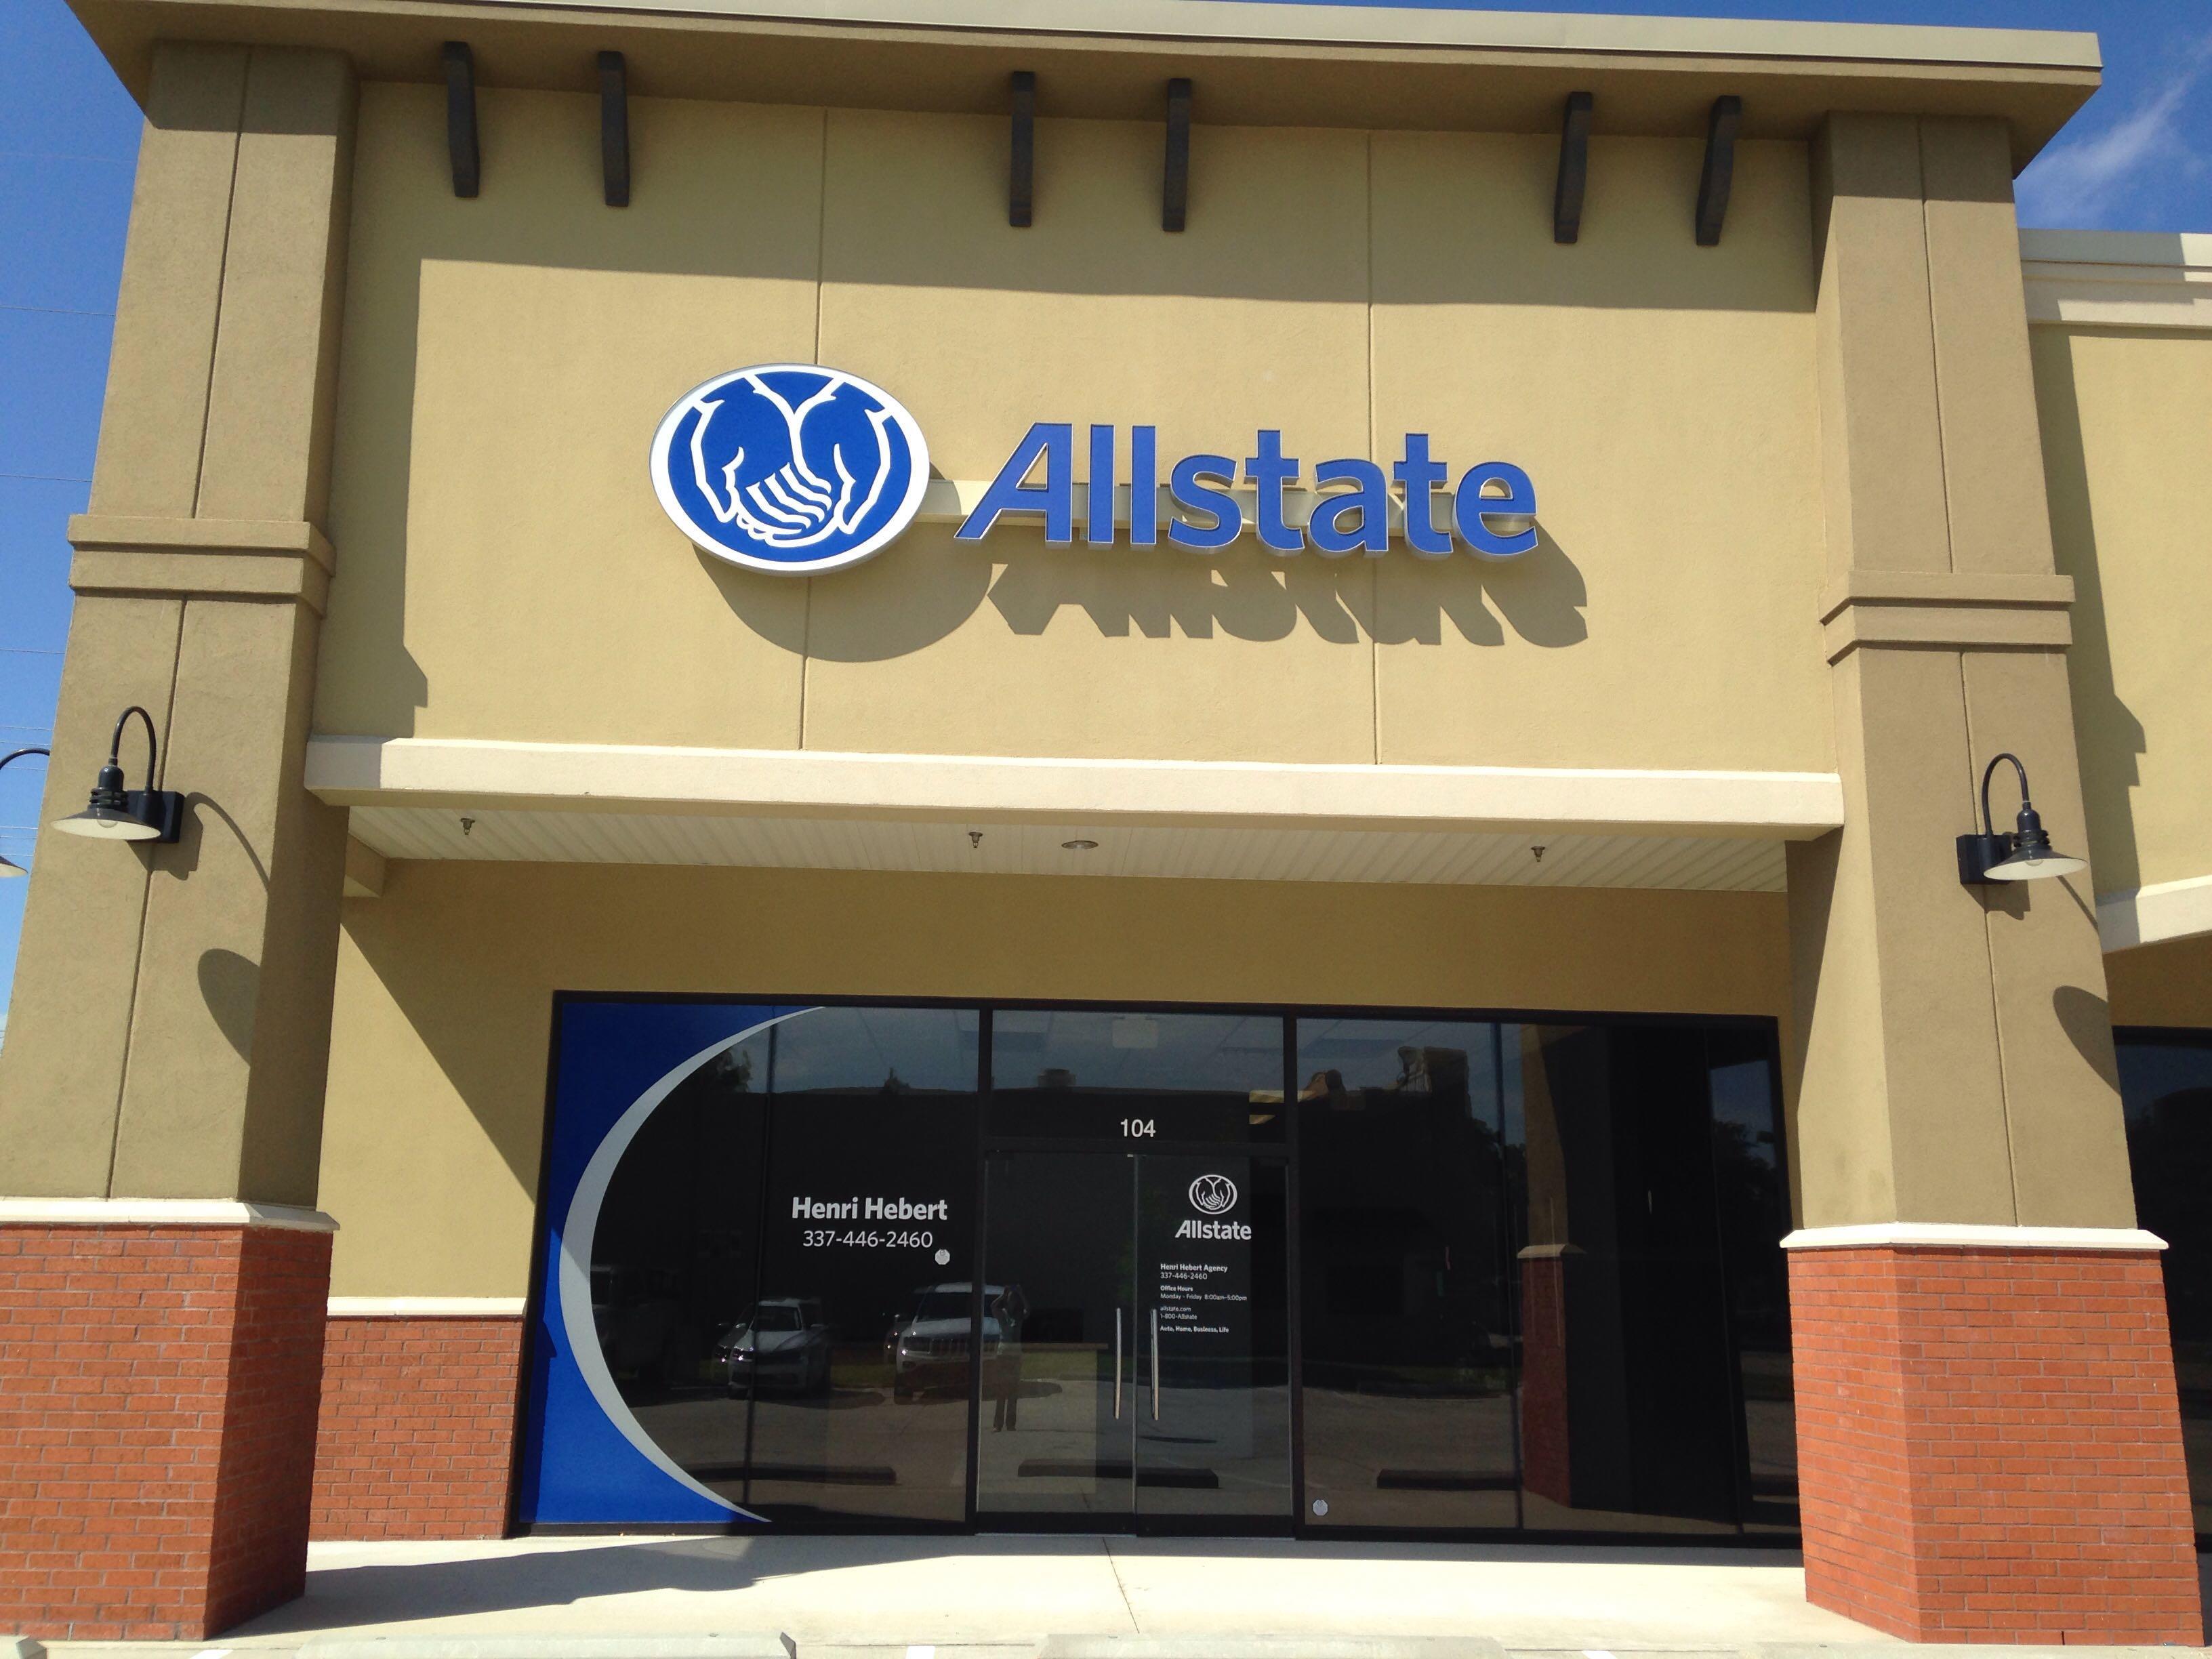 Allstate Insurance Agent: Henri Hebert image 2